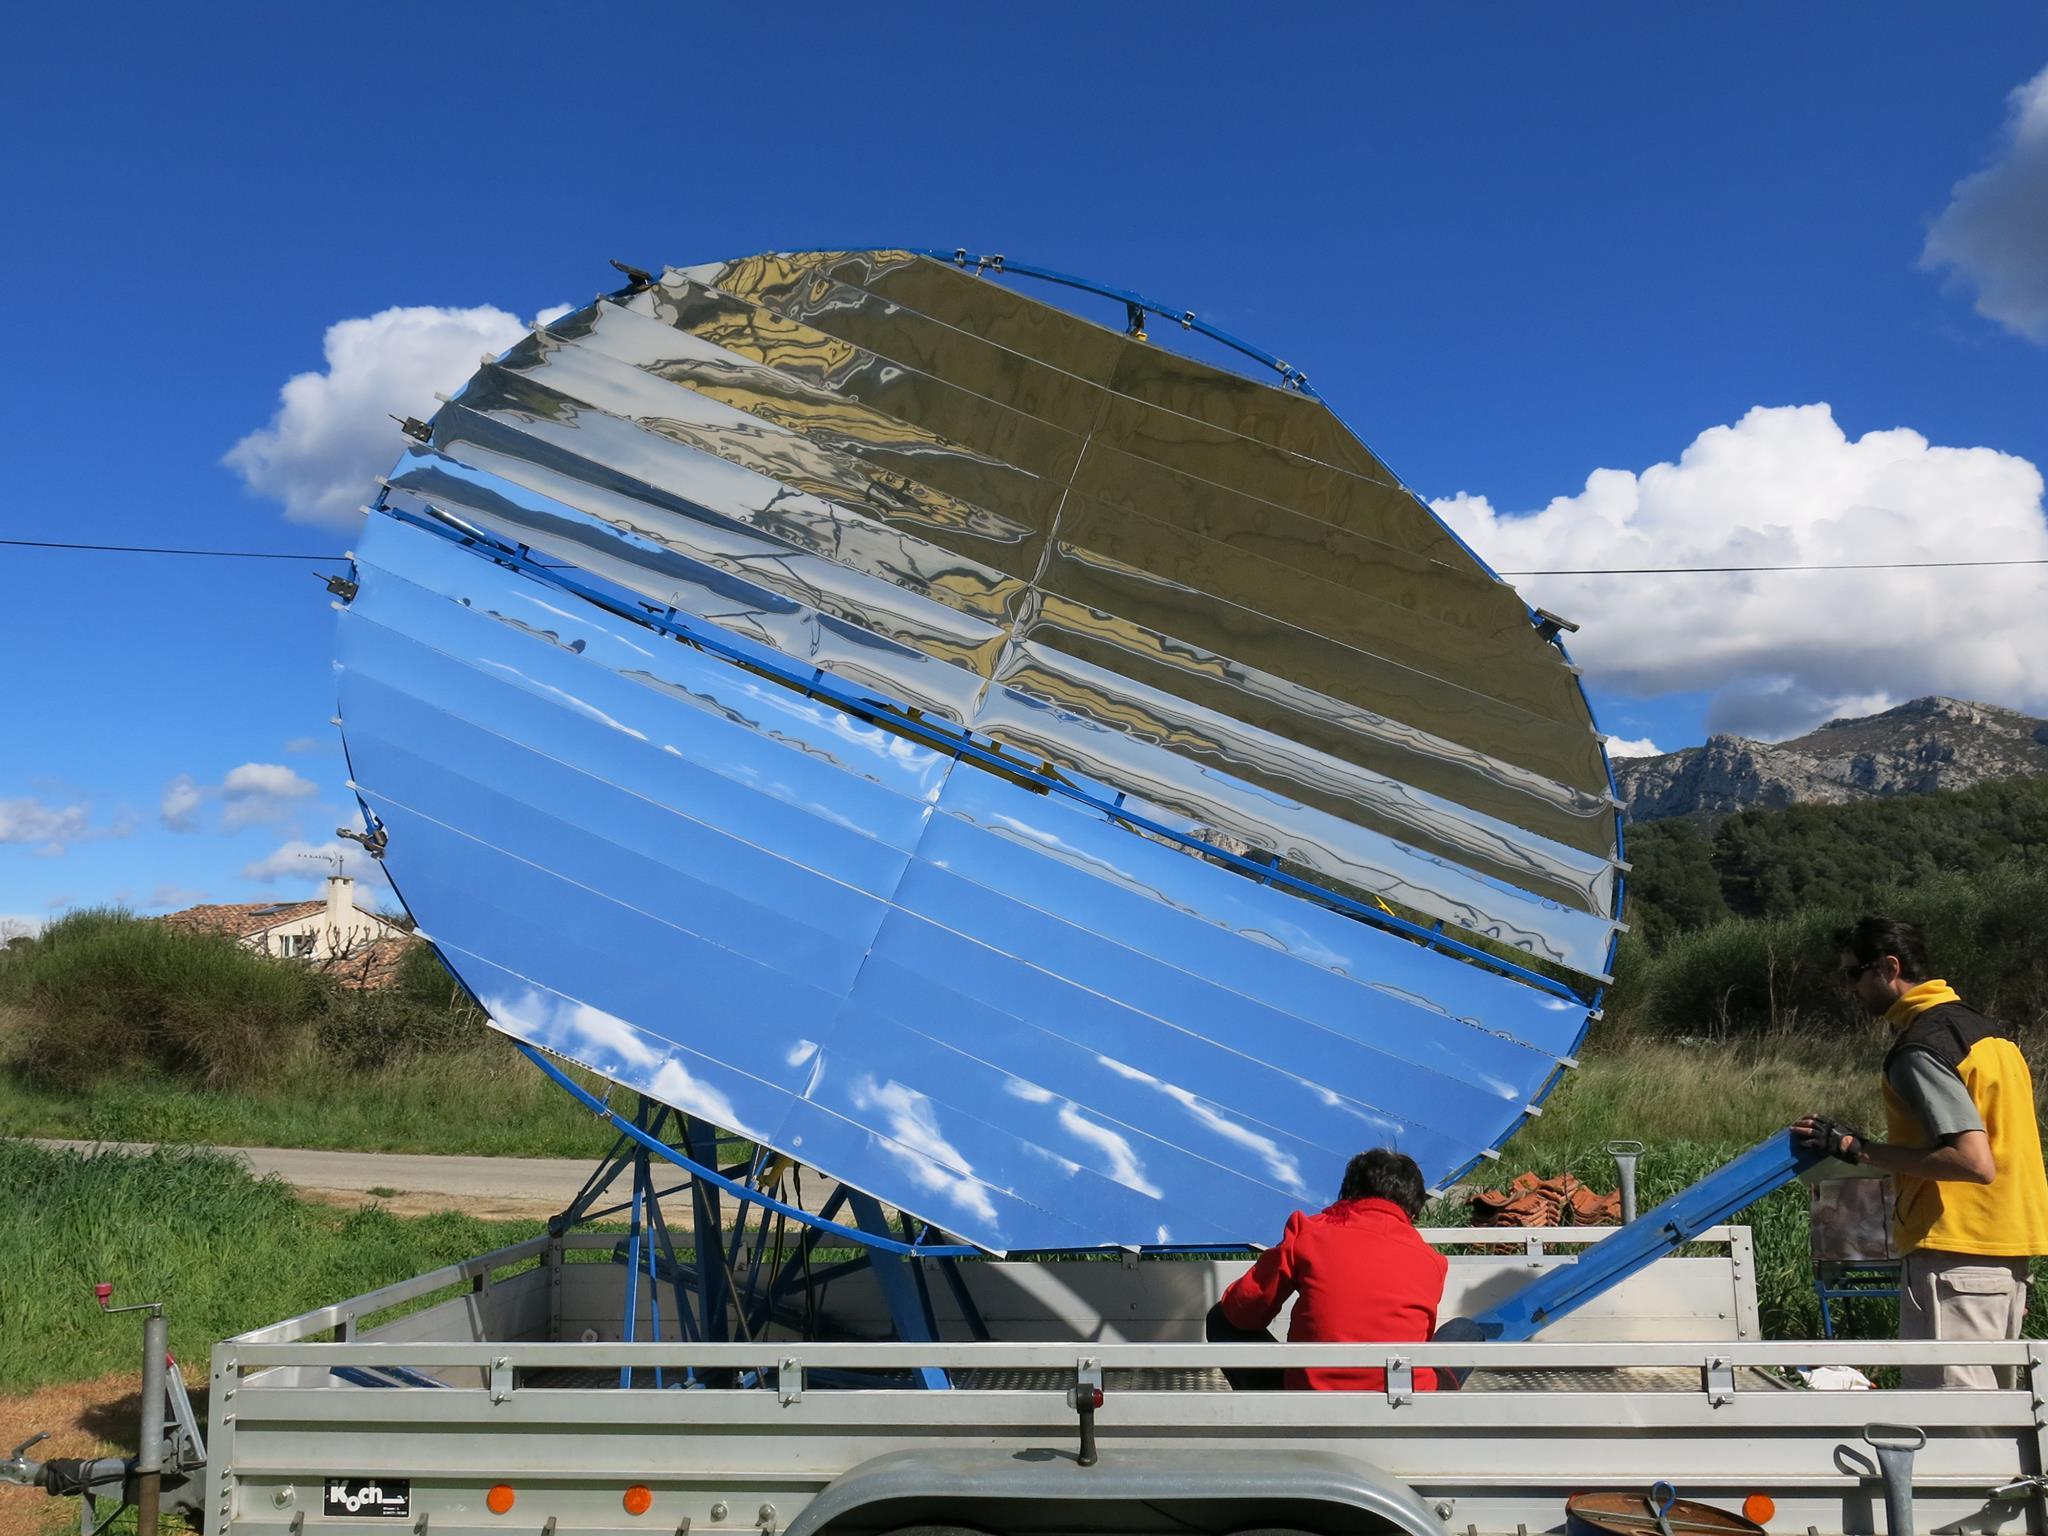 Il veut ouvrir le premier restaurant solaire autonome de france ...